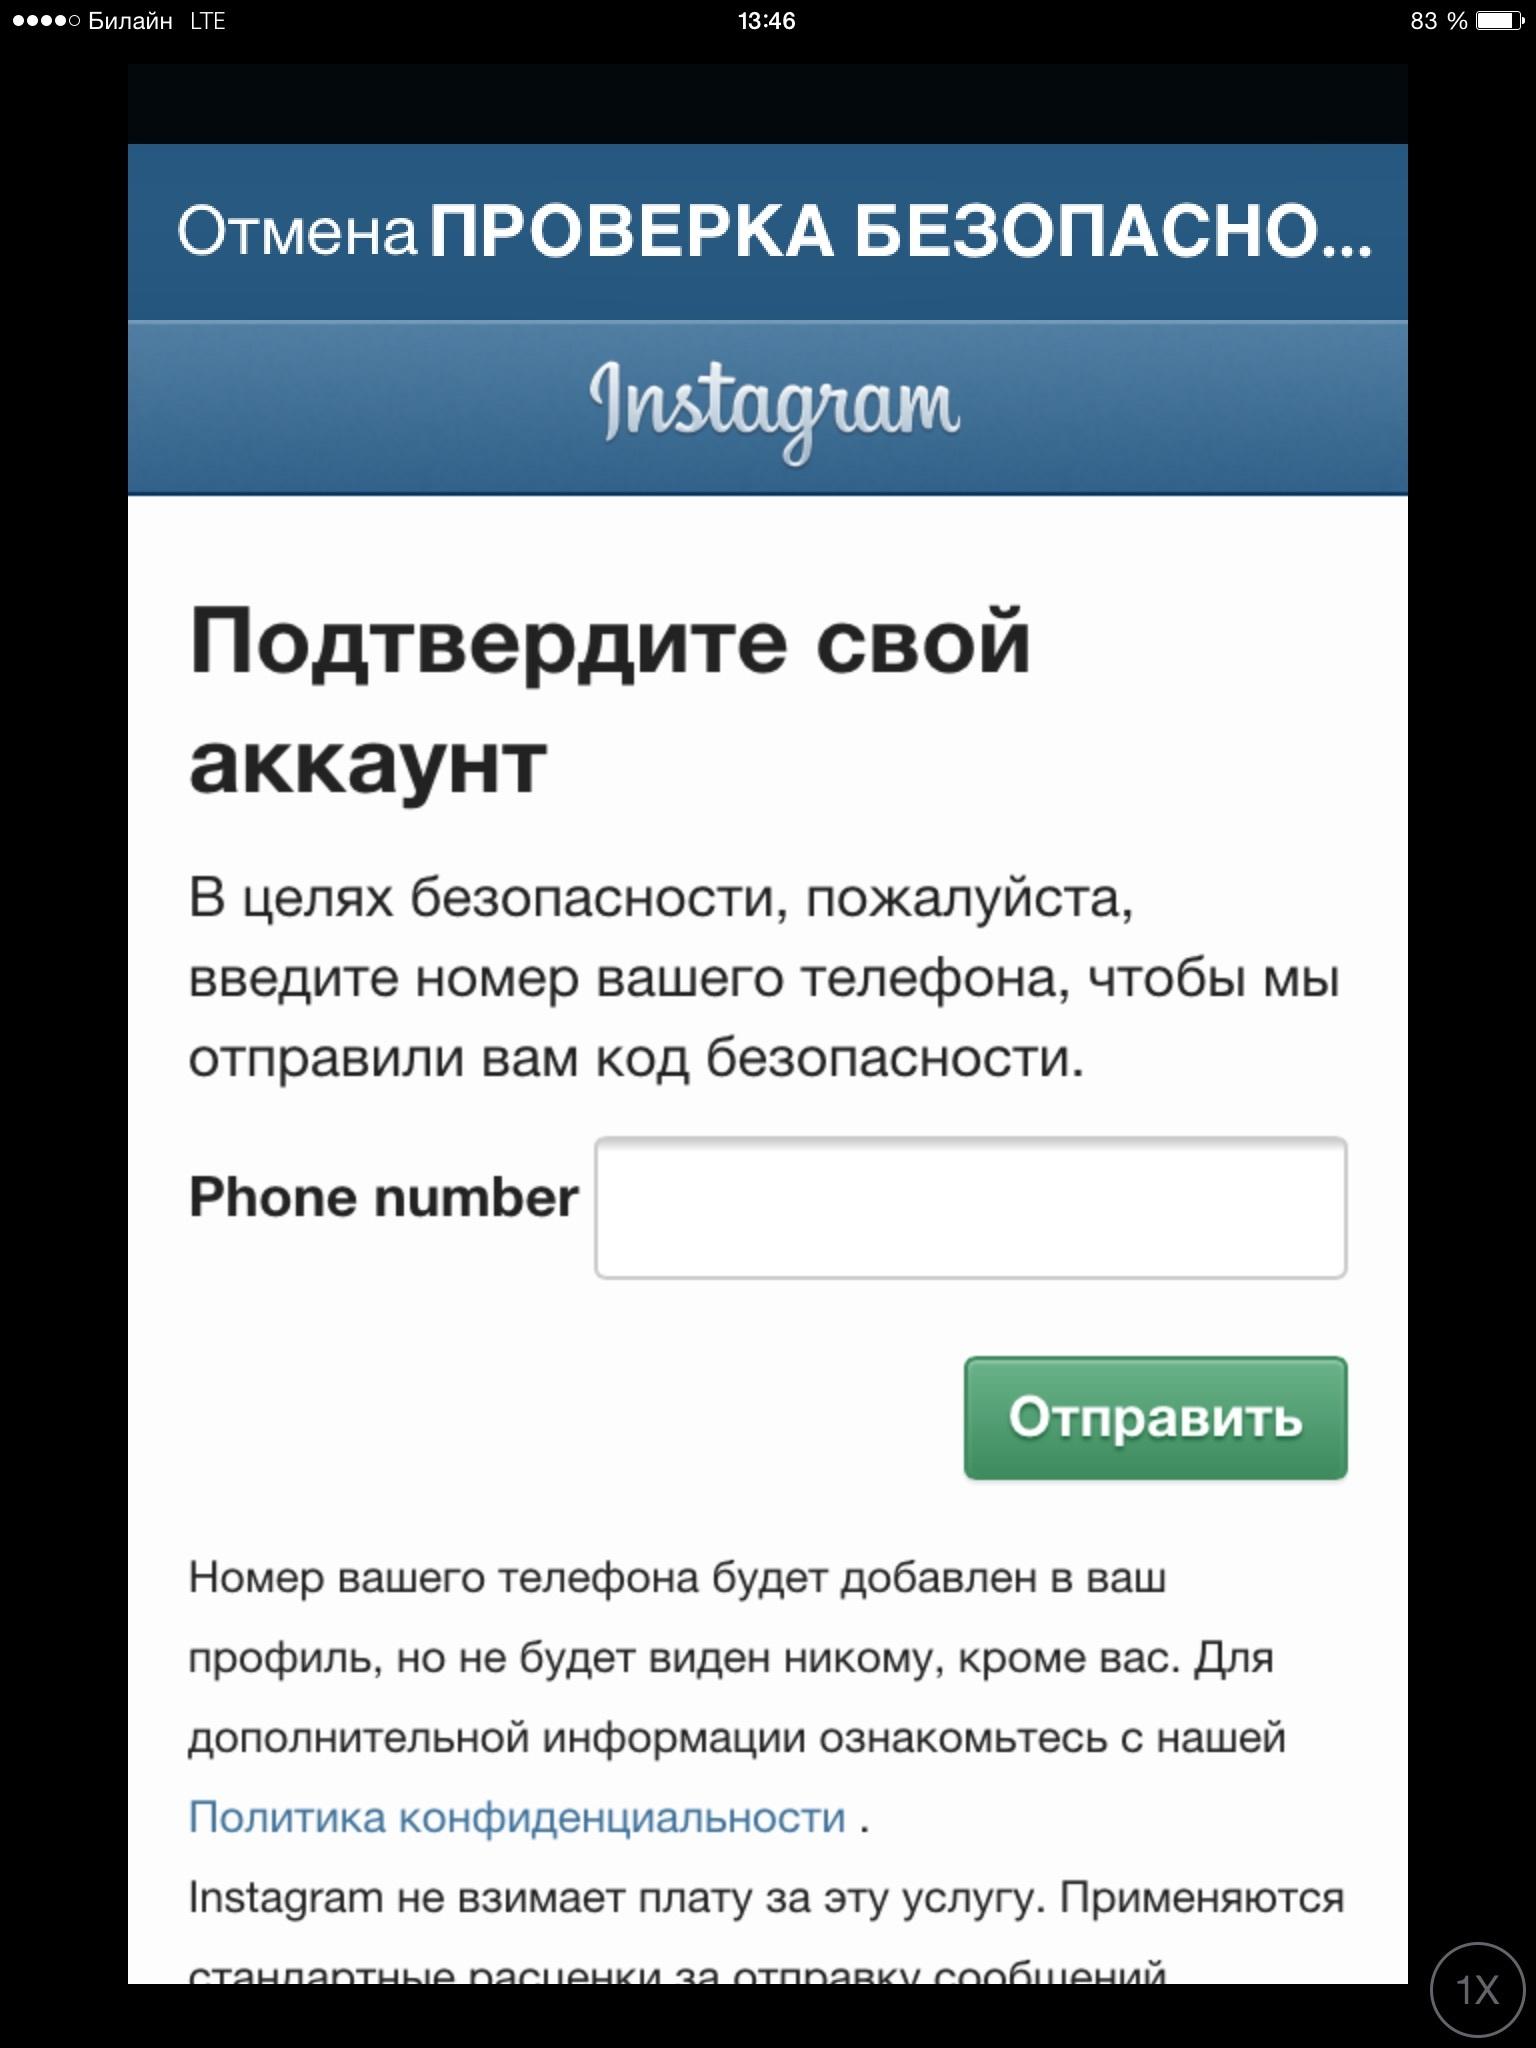 Как сделать чтобы на телефон приходил спам